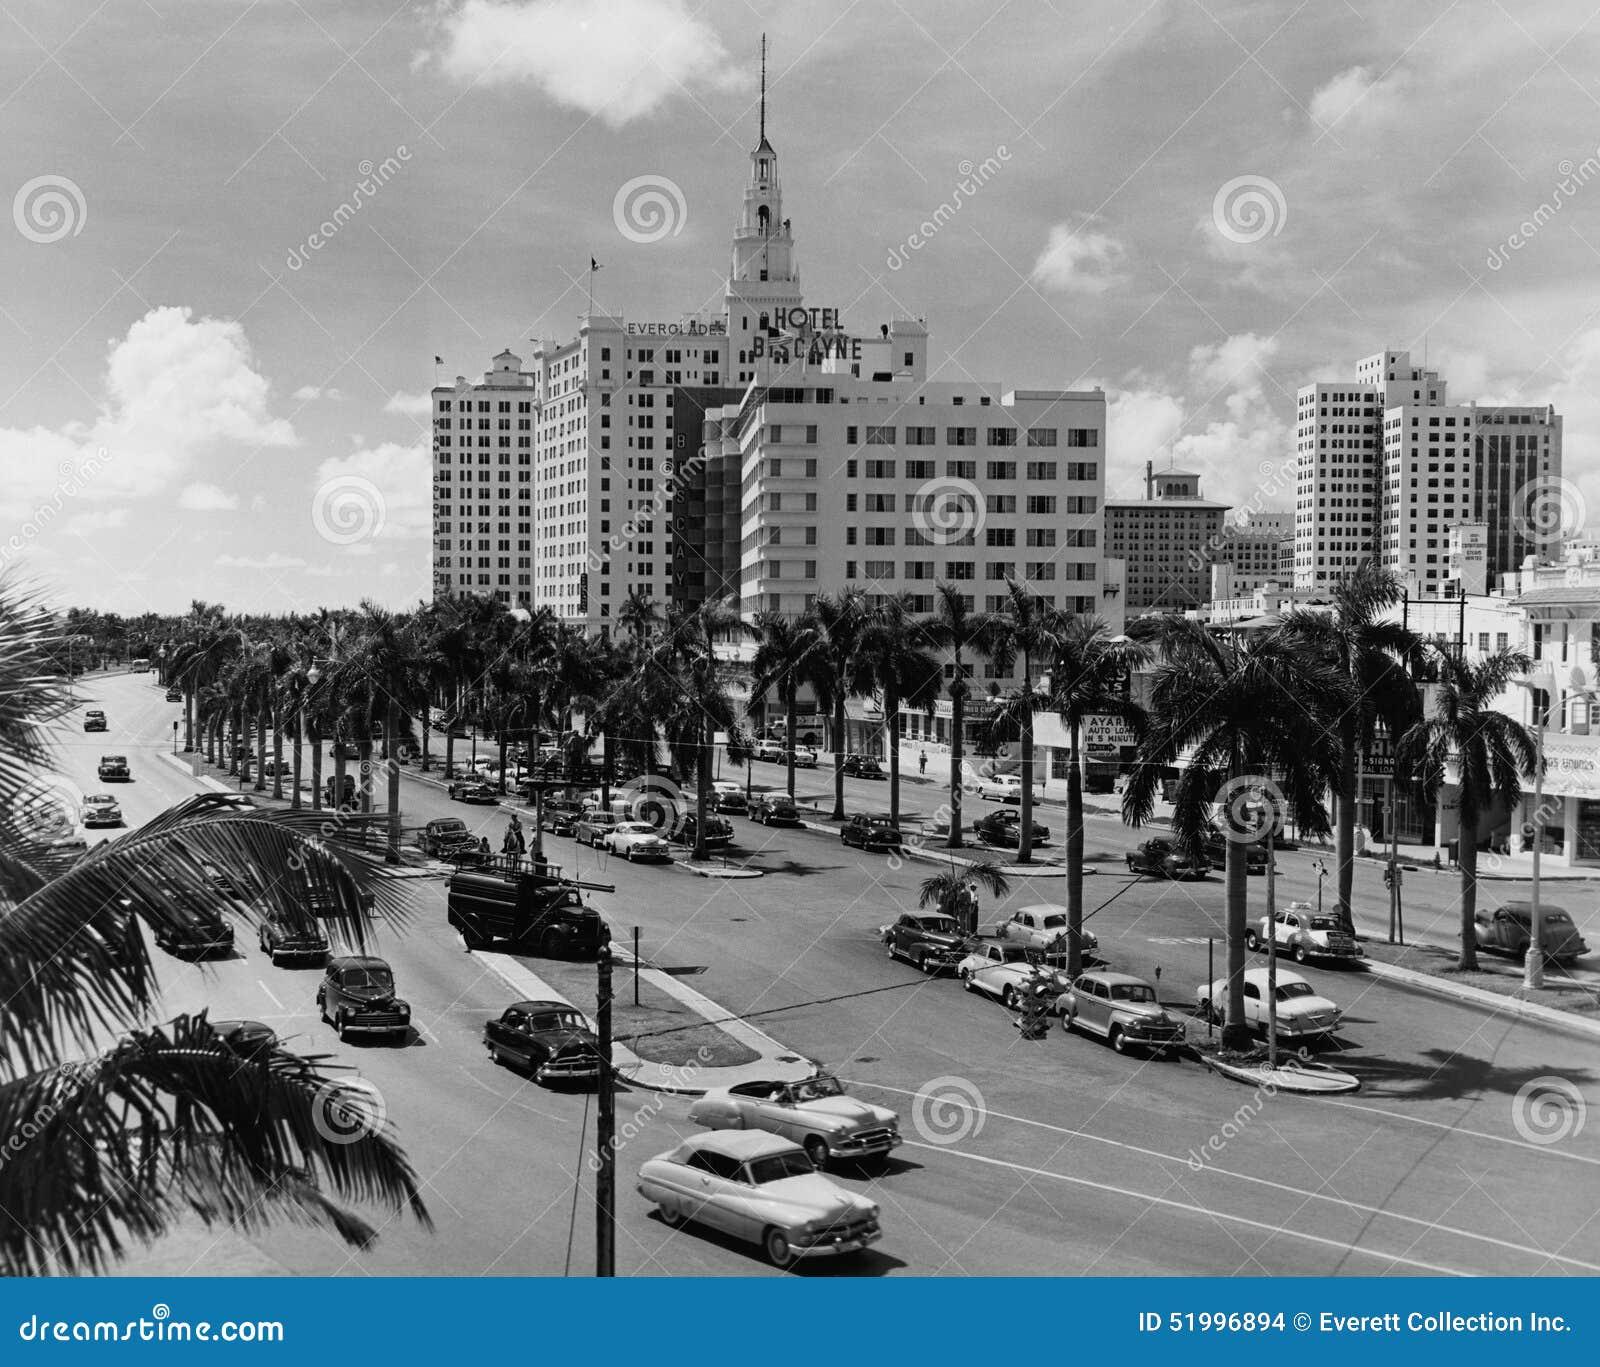 迈阿密,佛罗里达,大约1951年(所有人被描述不更长生存,并且庄园不存在 供应商保单那里将